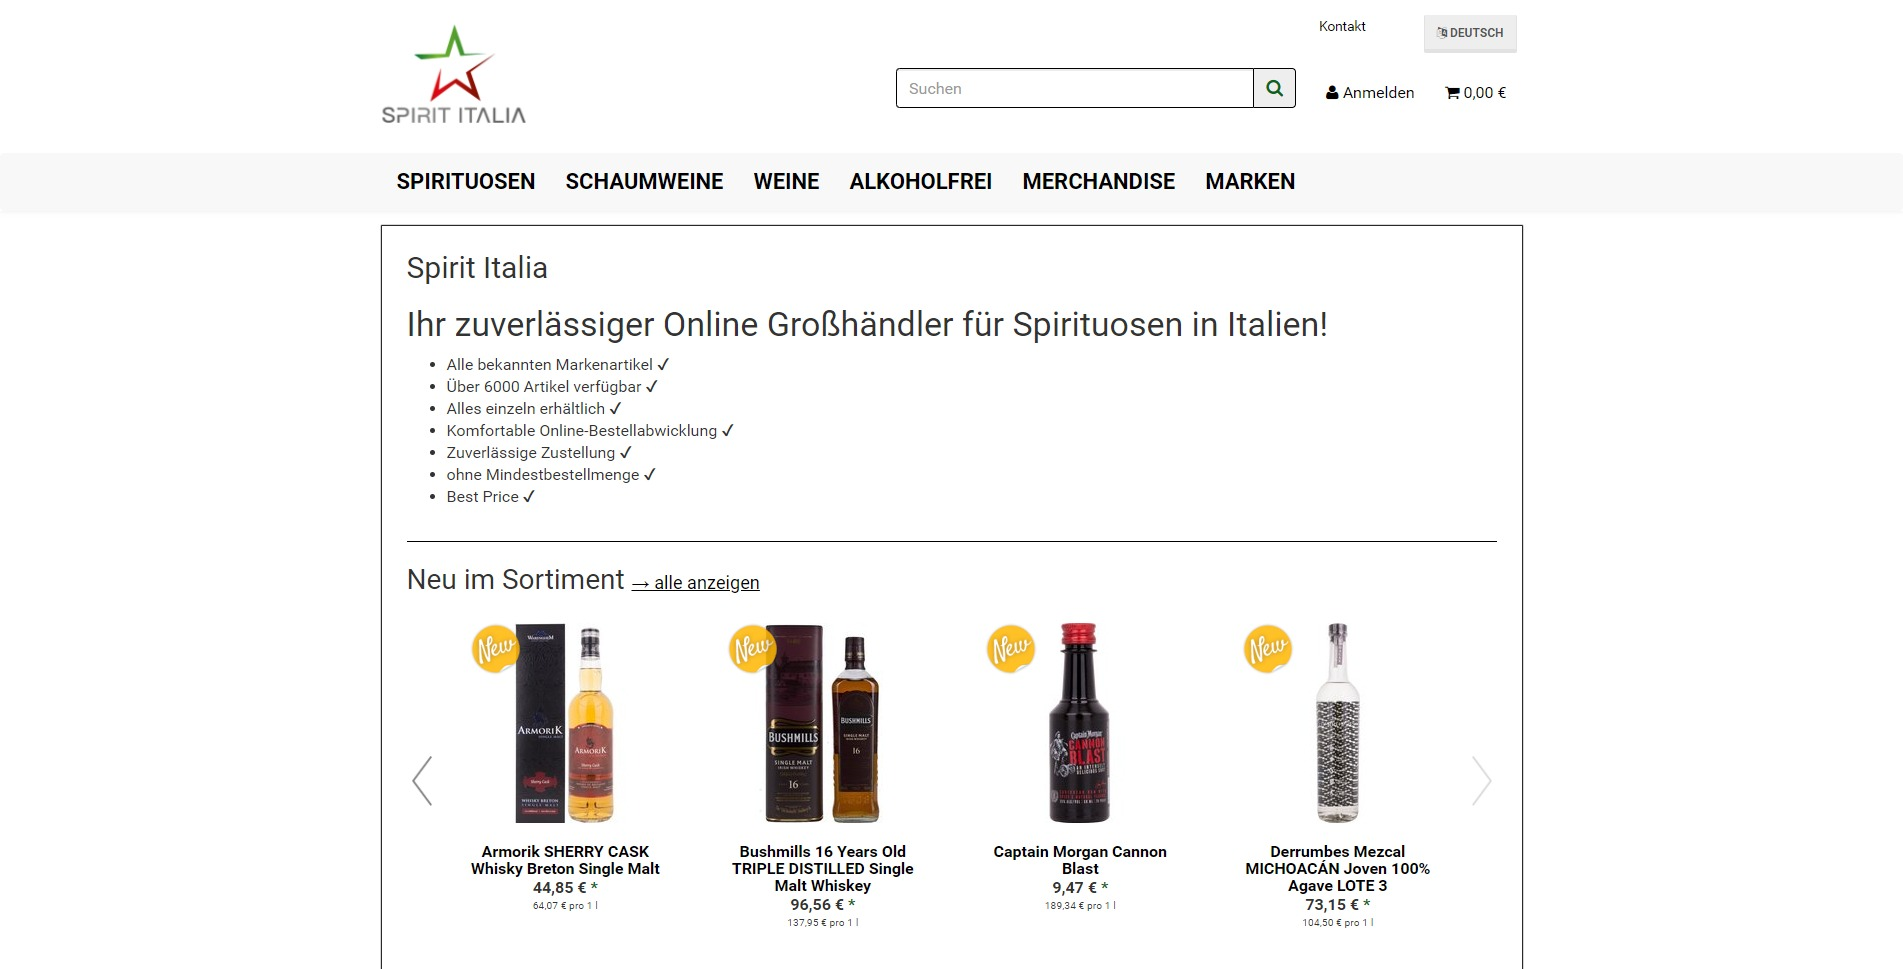 spirit-italia.com